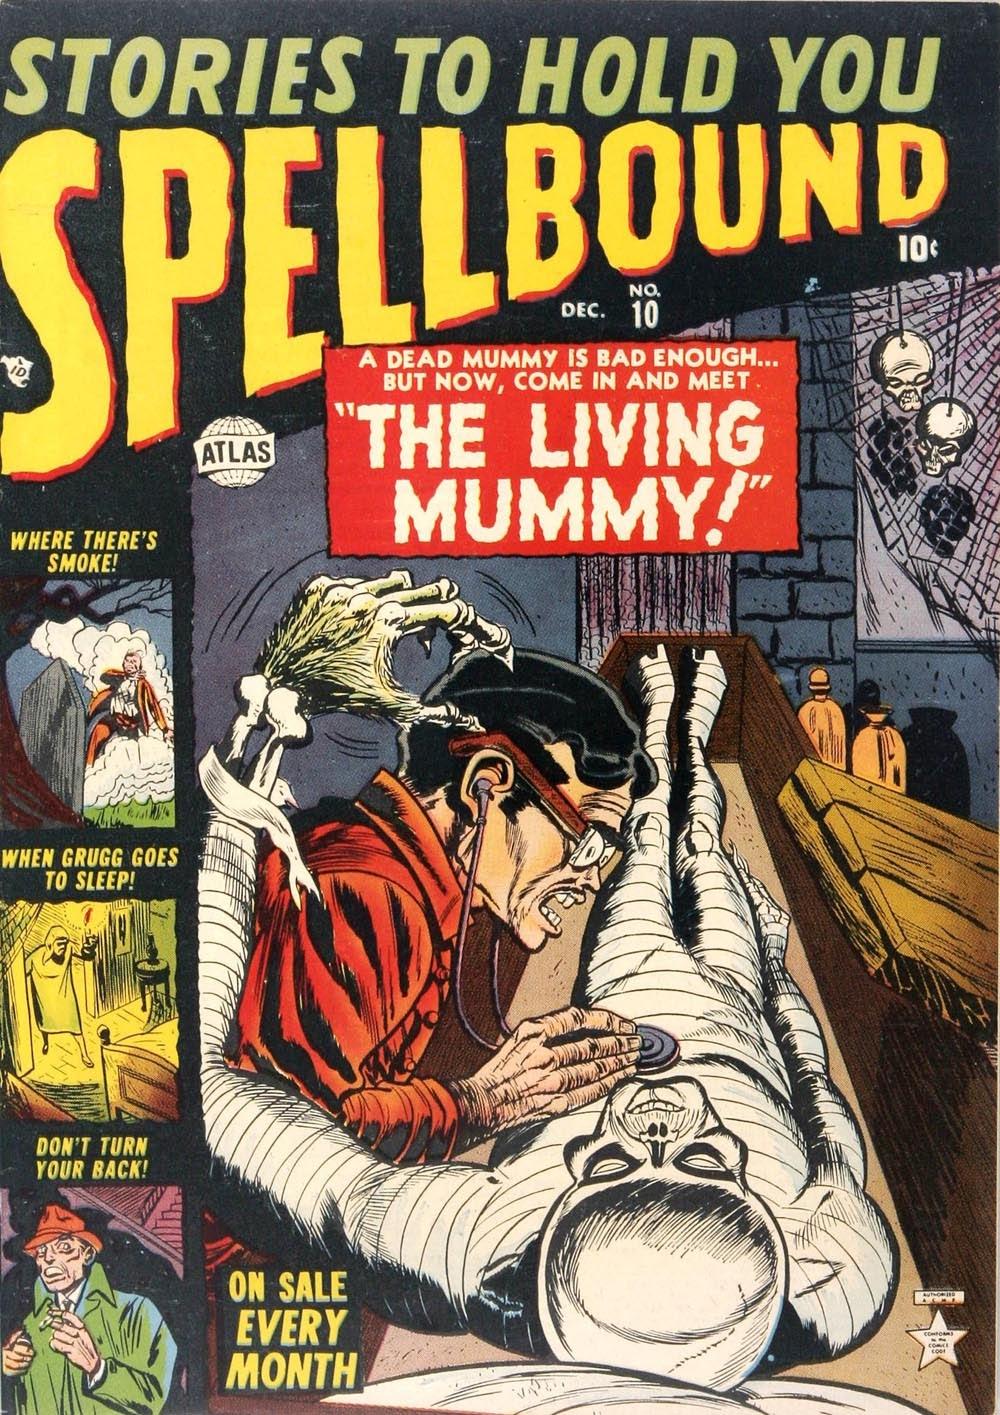 Spellbound (1952) issue 10 - Page 1